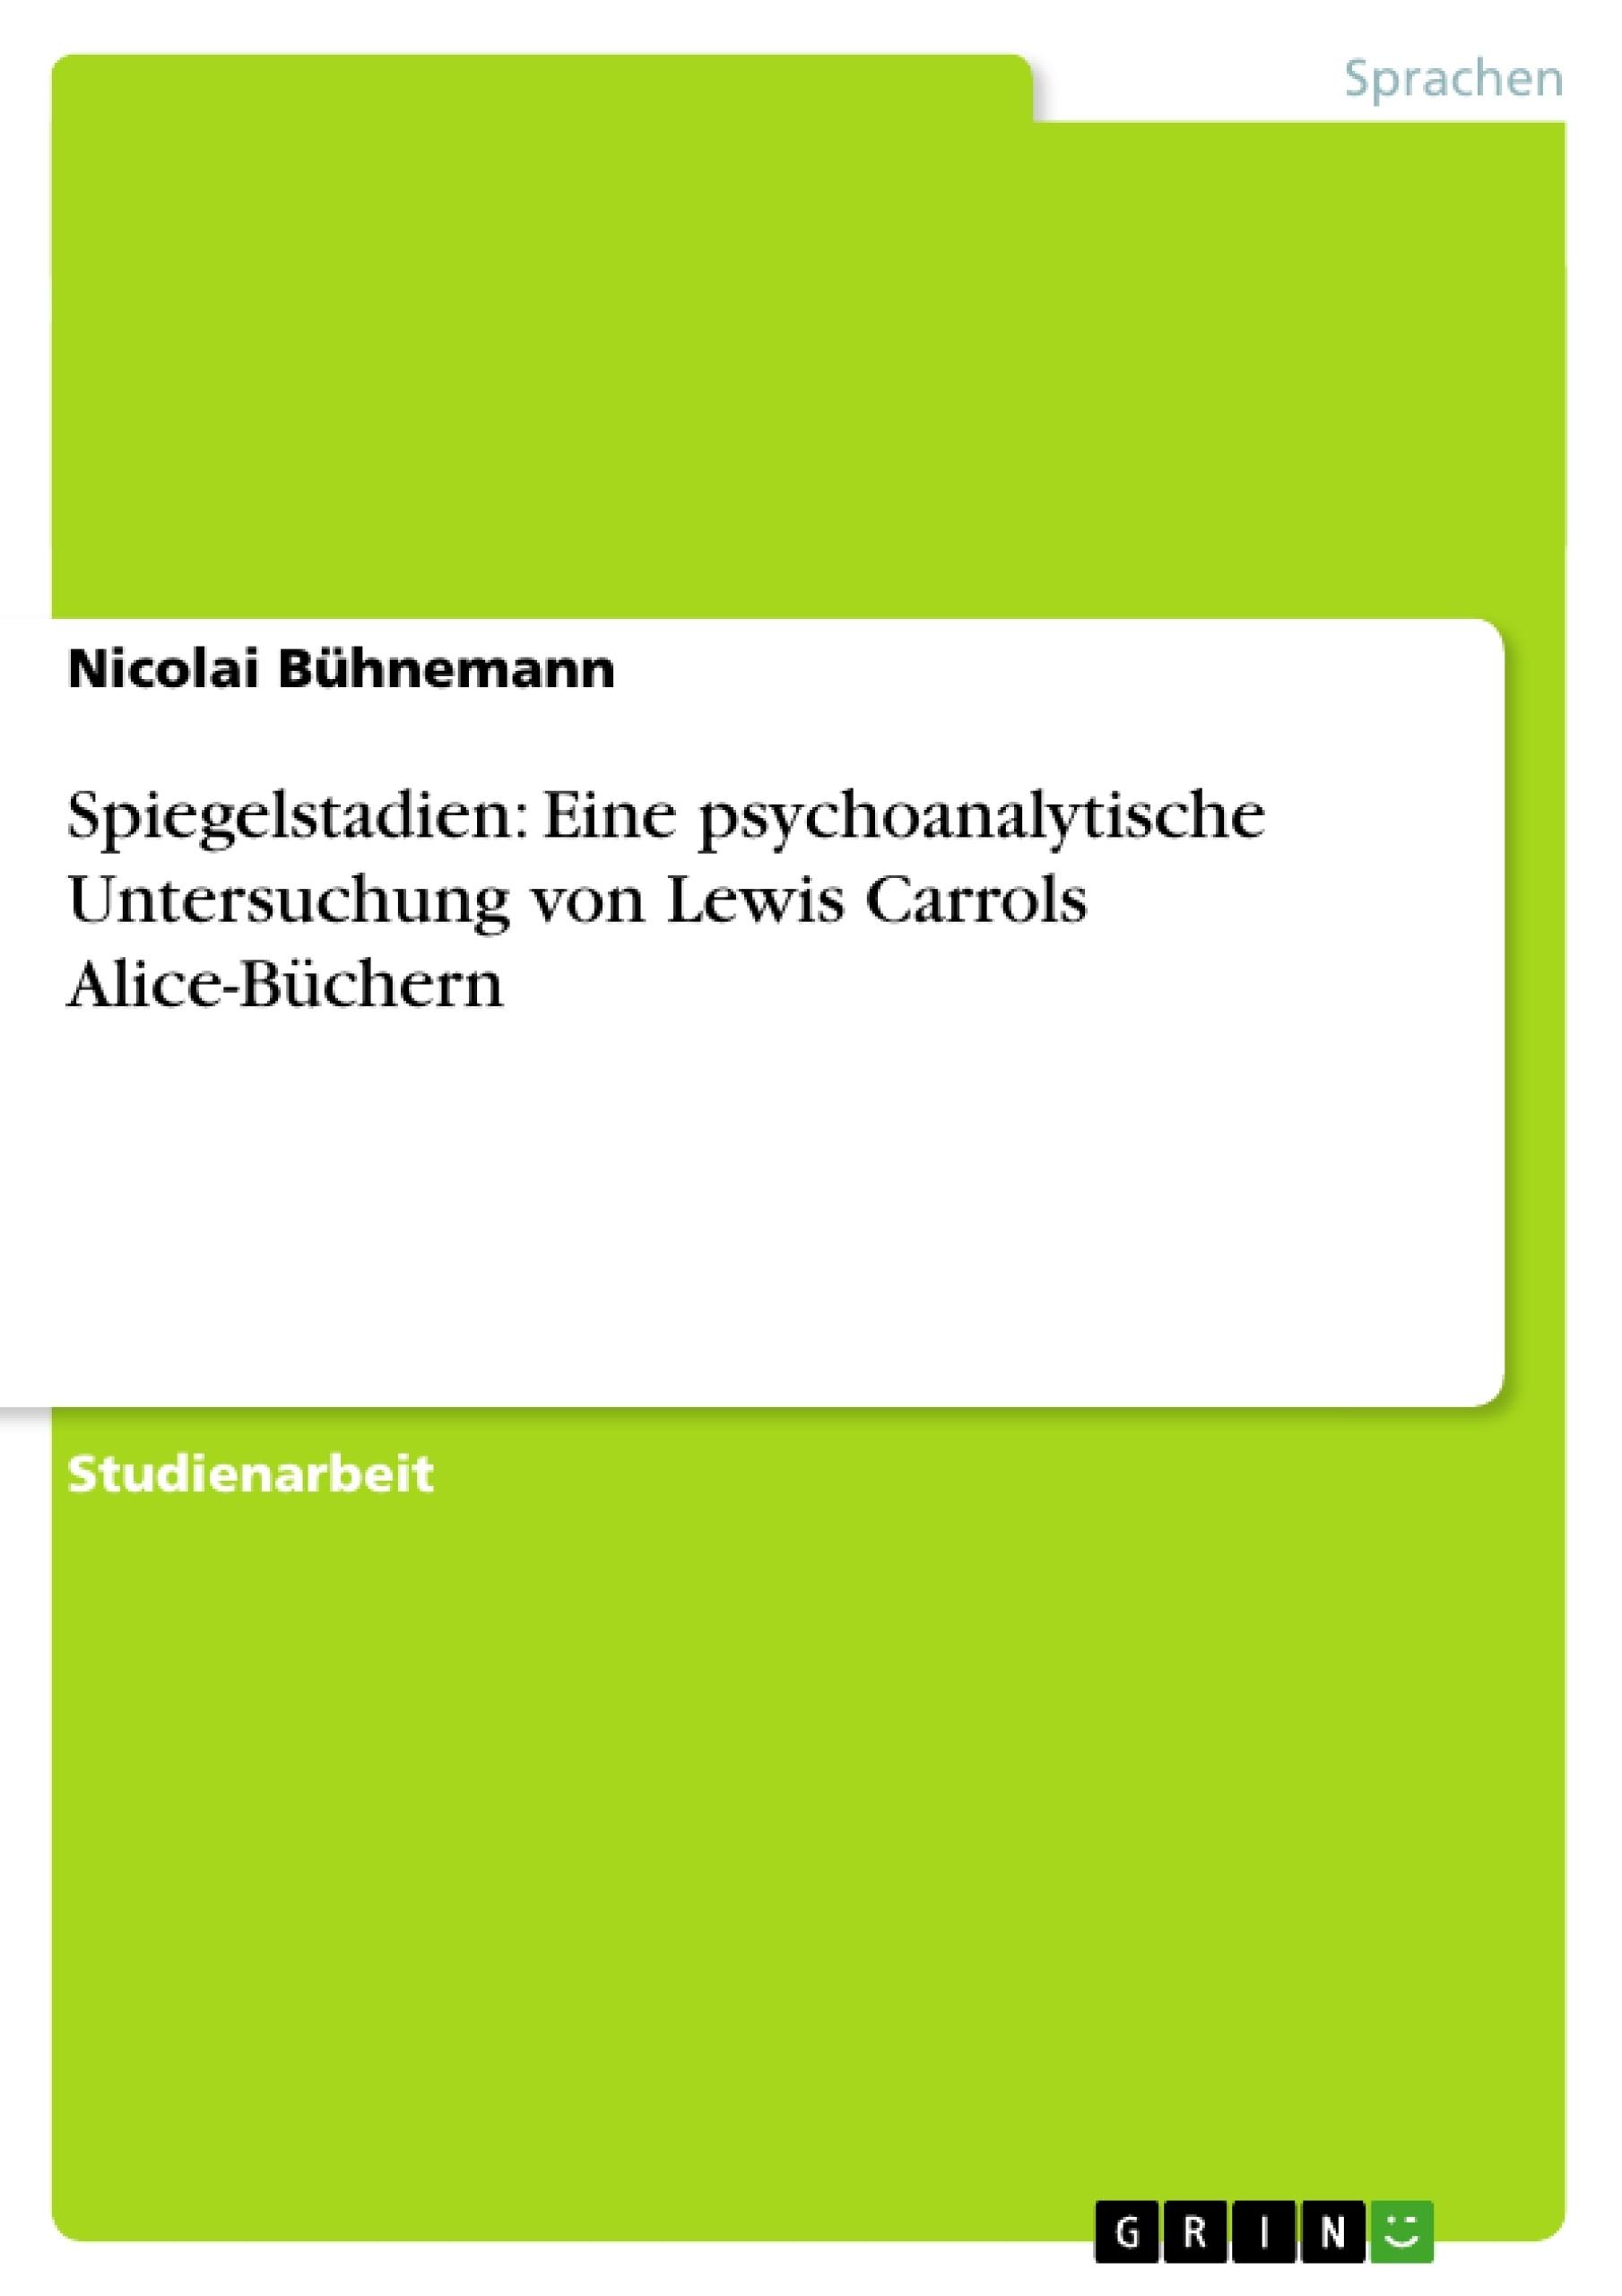 Titel: Spiegelstadien: Eine psychoanalytische Untersuchung von Lewis Carrols Alice-Büchern